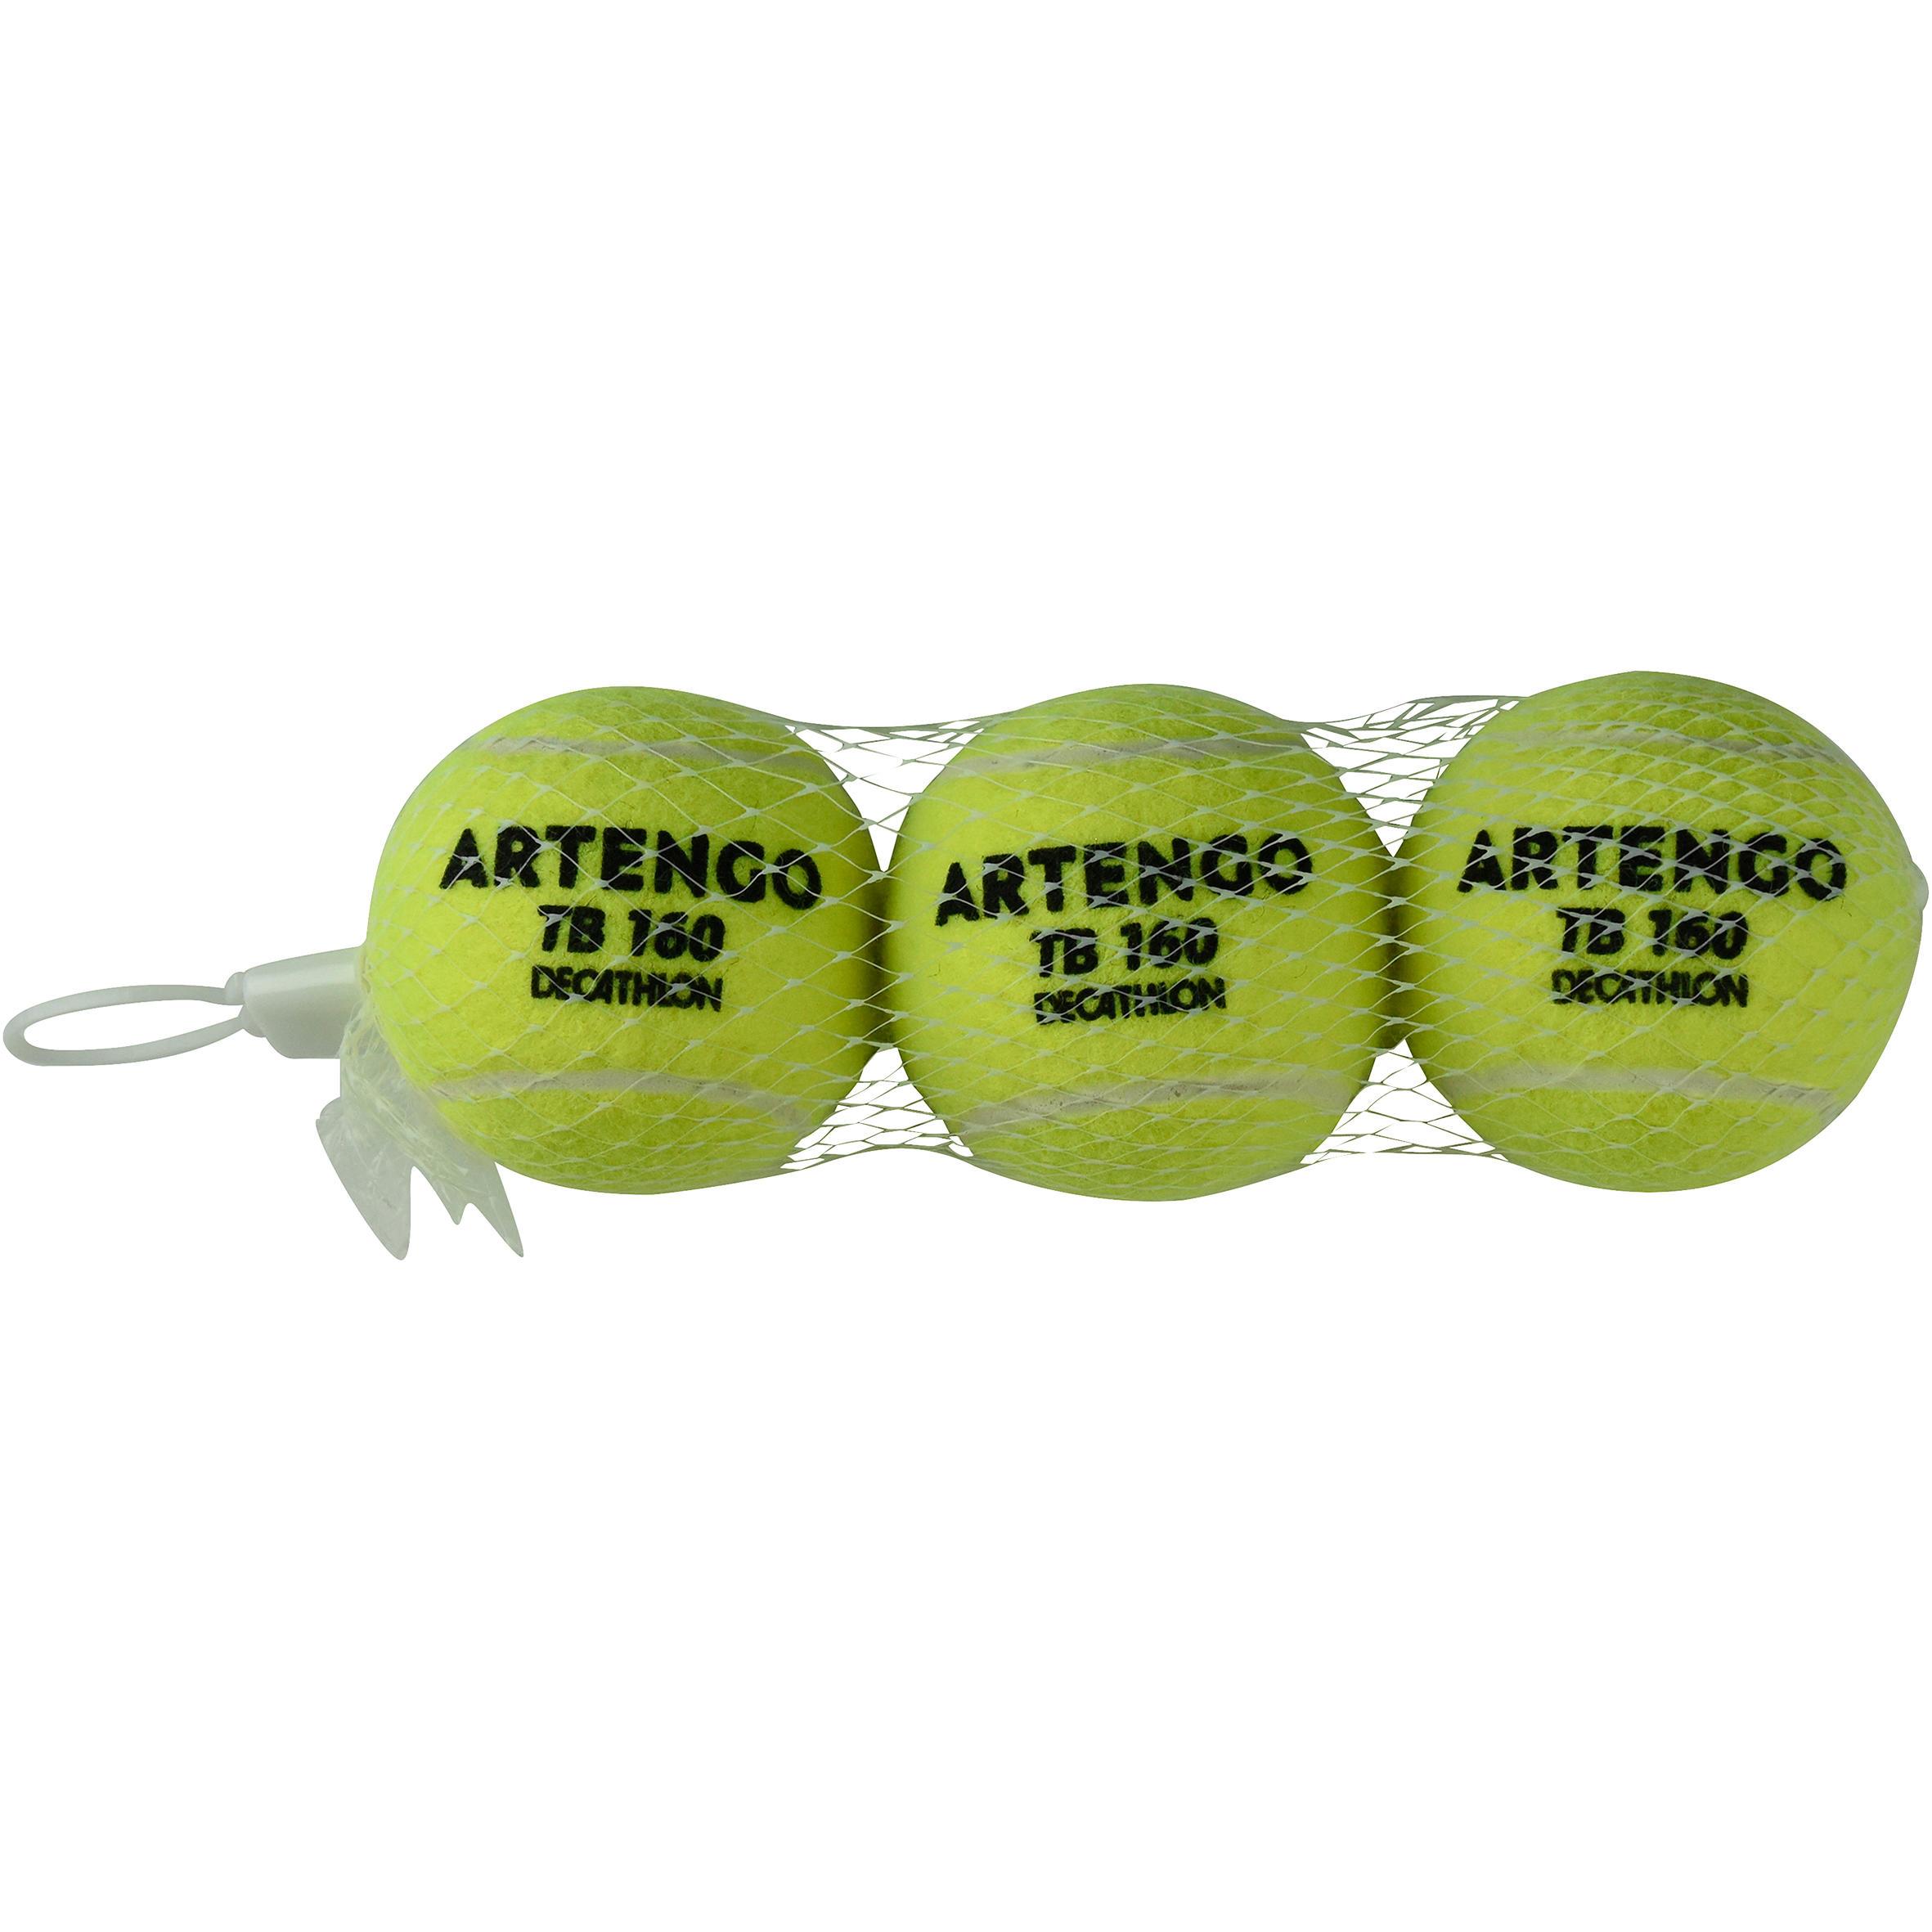 cheap for discount 0a178 97e04 Tennisausrüstung   Starke Preise   Artengo   DECATHLON